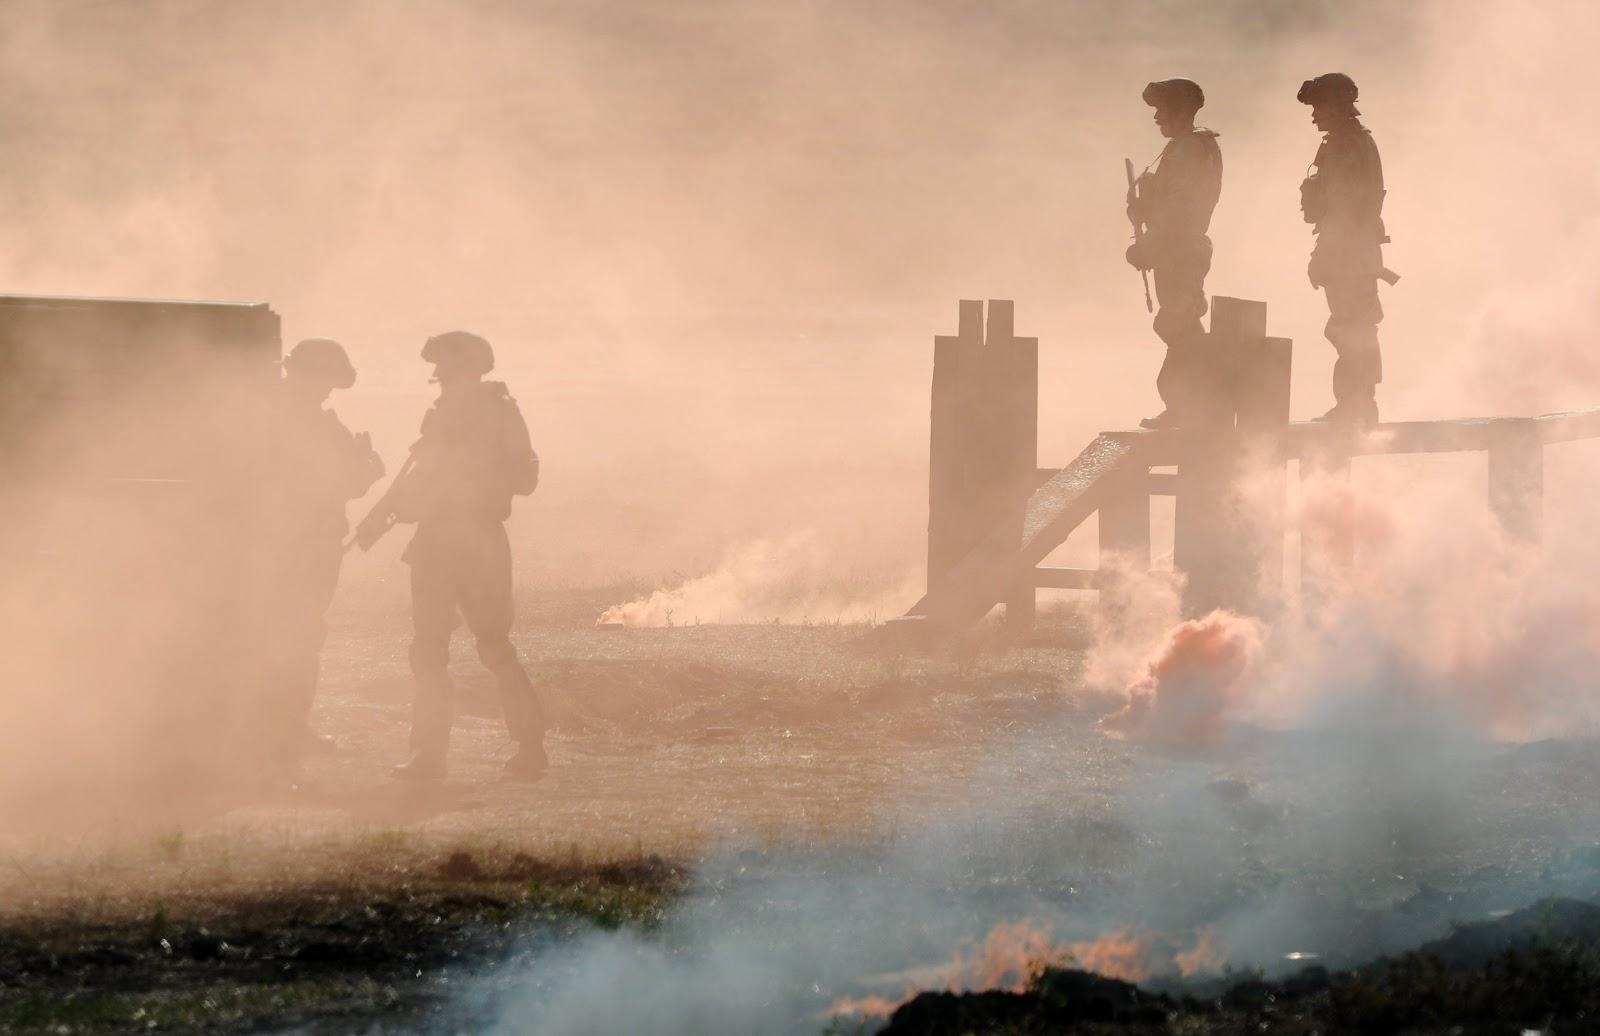 Военнослужащие во время тактических учений подразделений 150-й мотострелковой дивизии Южного военного округа (ЮВО)